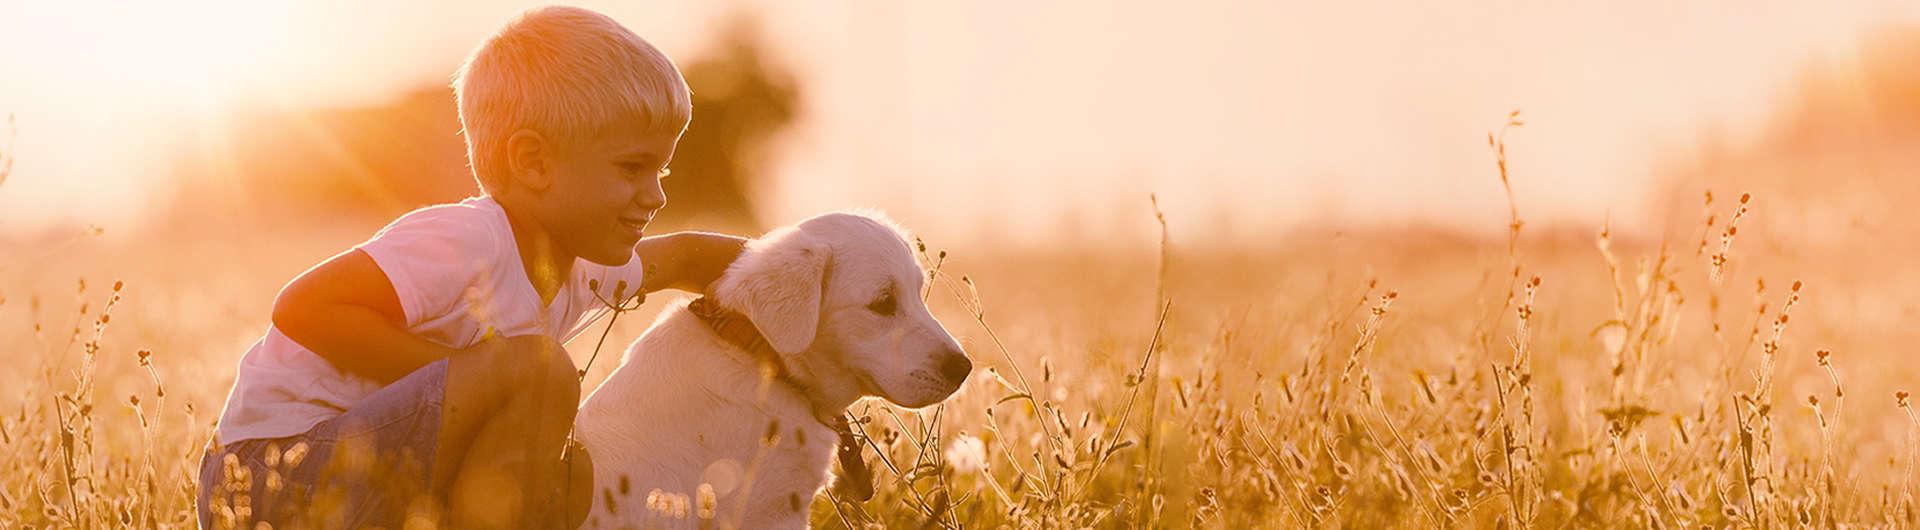 Gothaer Hundehaftpflicht & Hundeversicherung